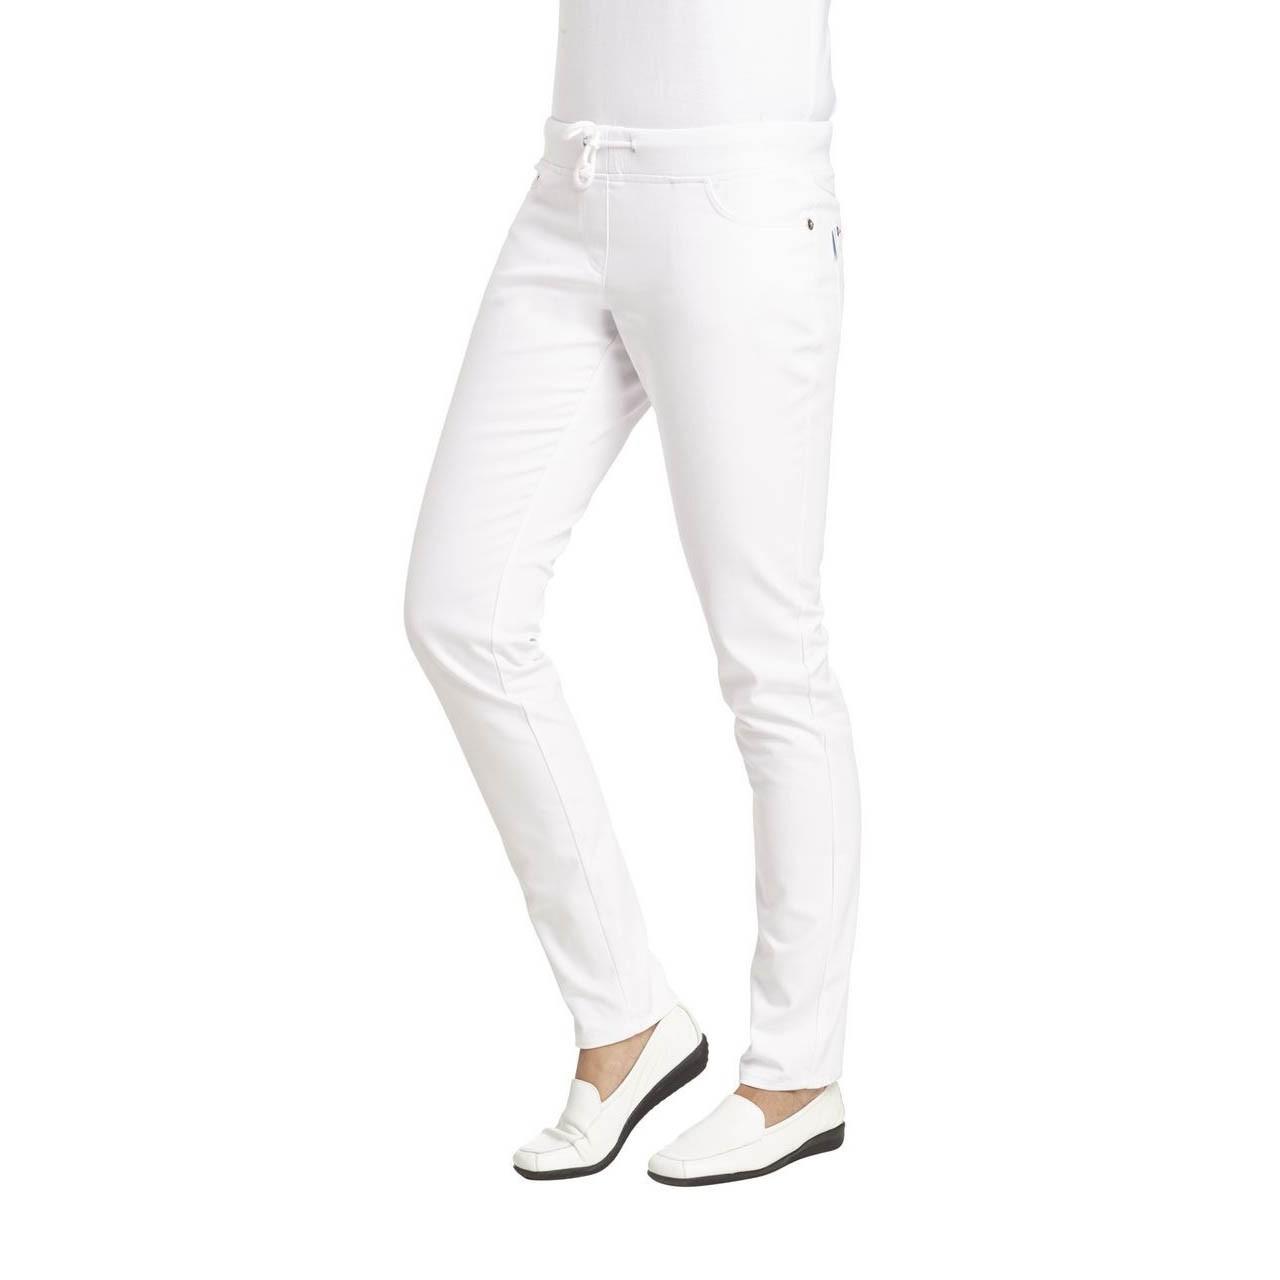 ce28ff02a29ecc Slim-Style Damenhose in Jeansform mit Bündchen von Leiber | BBF24 - Shop